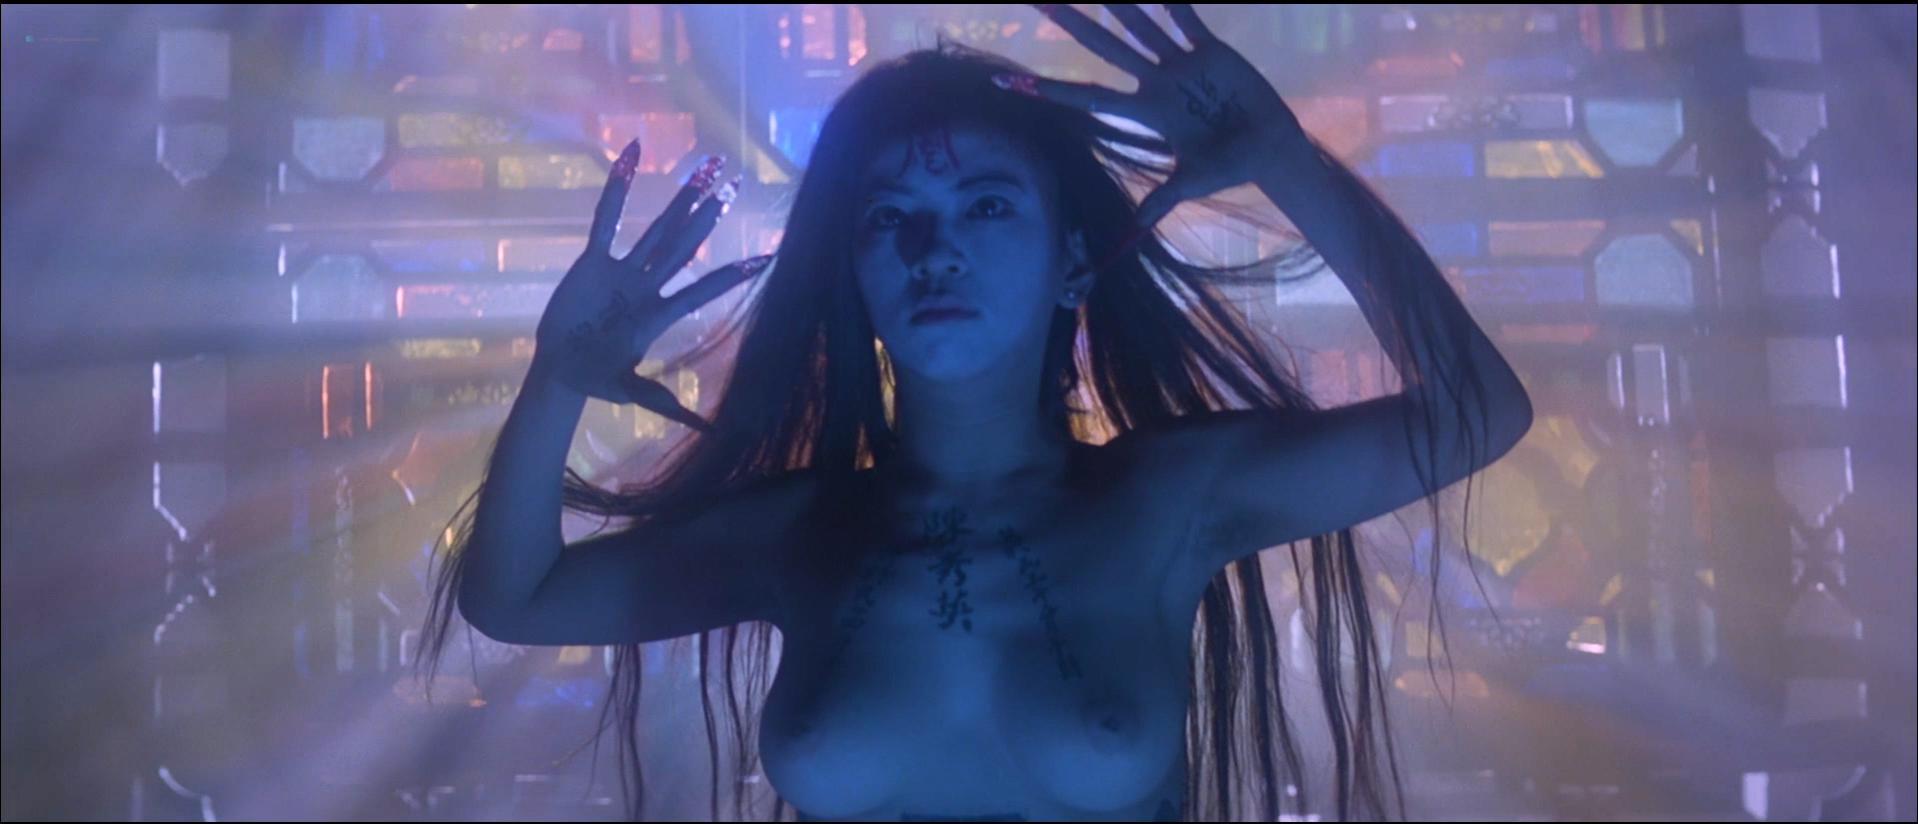 Ni Tien nude, Szu-Chia Chen nude - Hex (1980)